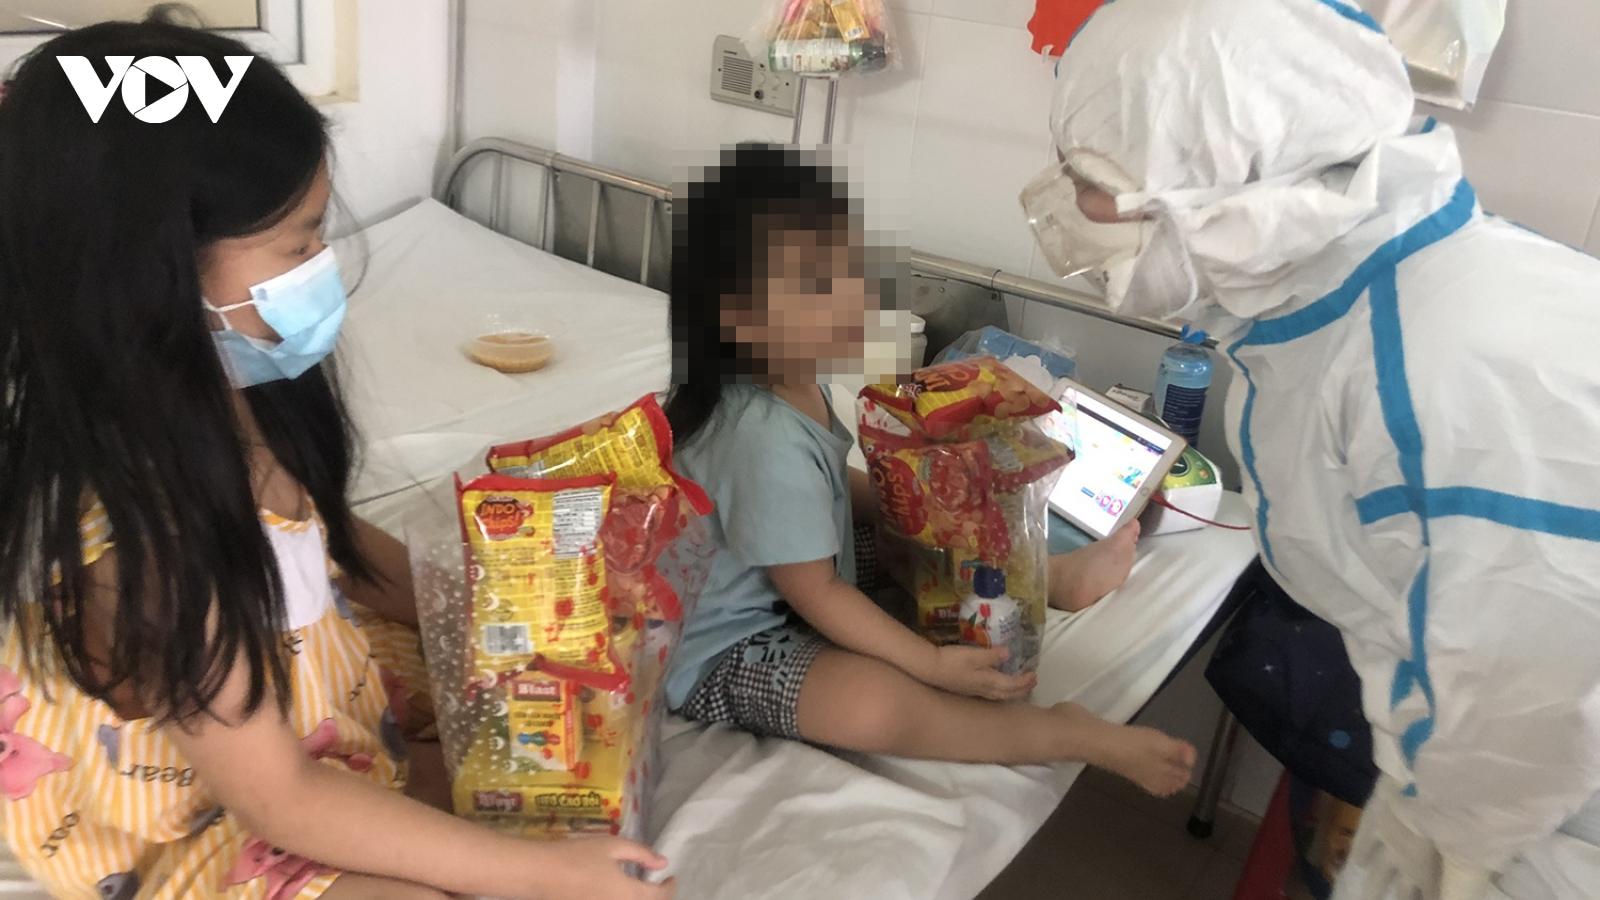 Tết Thiếu nhi đặc biệt của các em nhỏ trong khu cách ly điều trị Covid-19